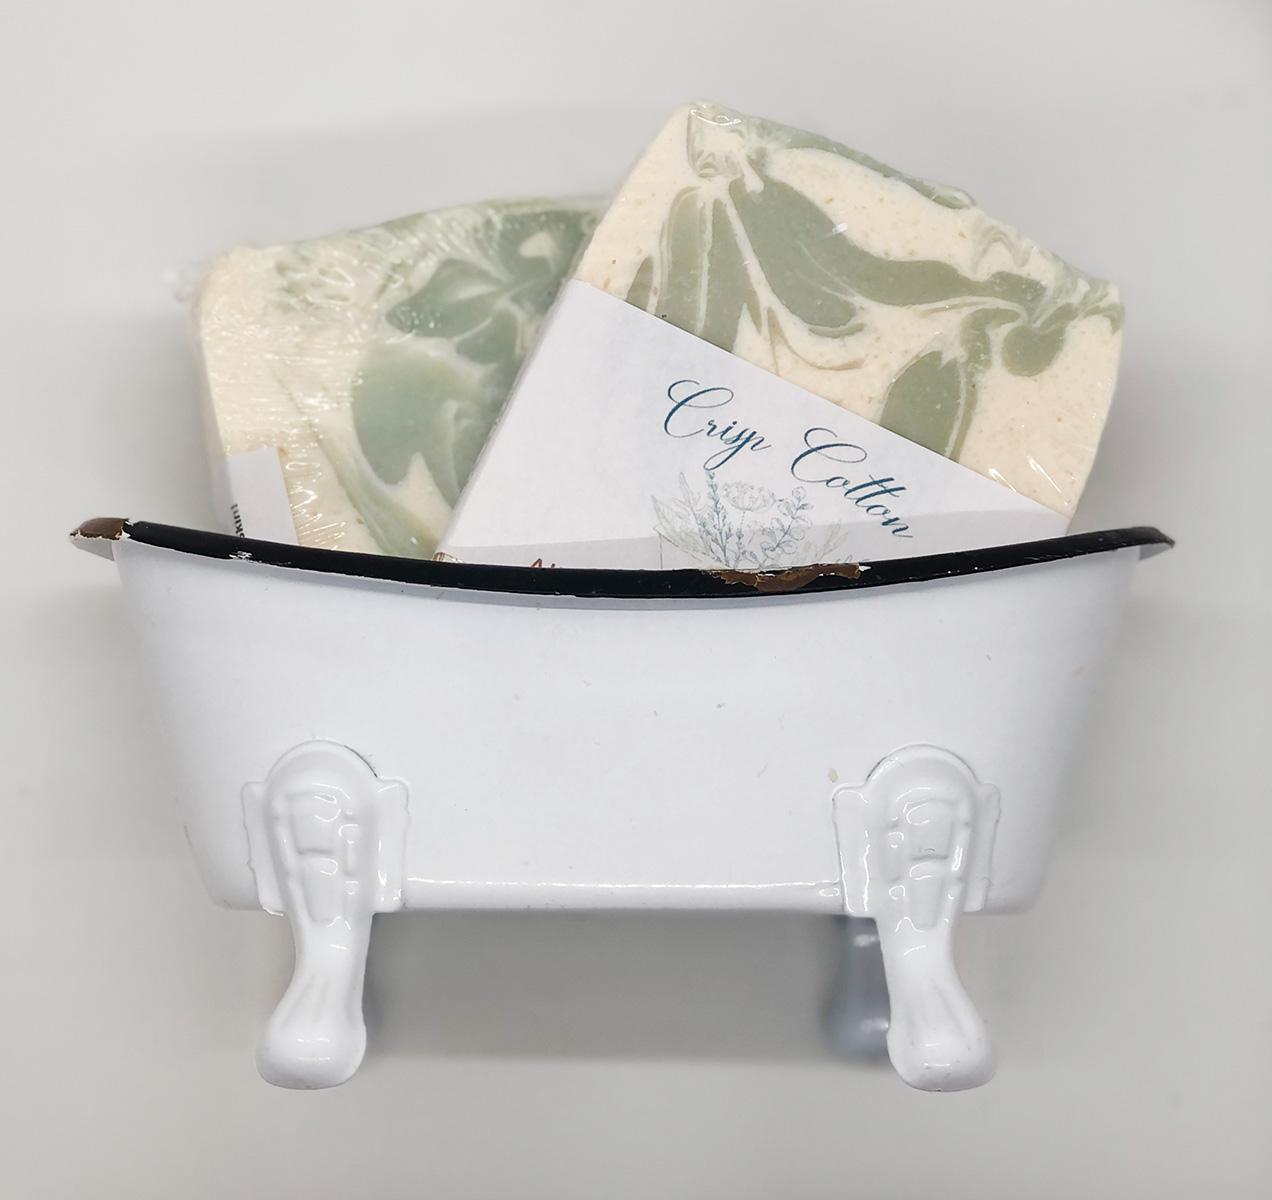 crisp cotton soap